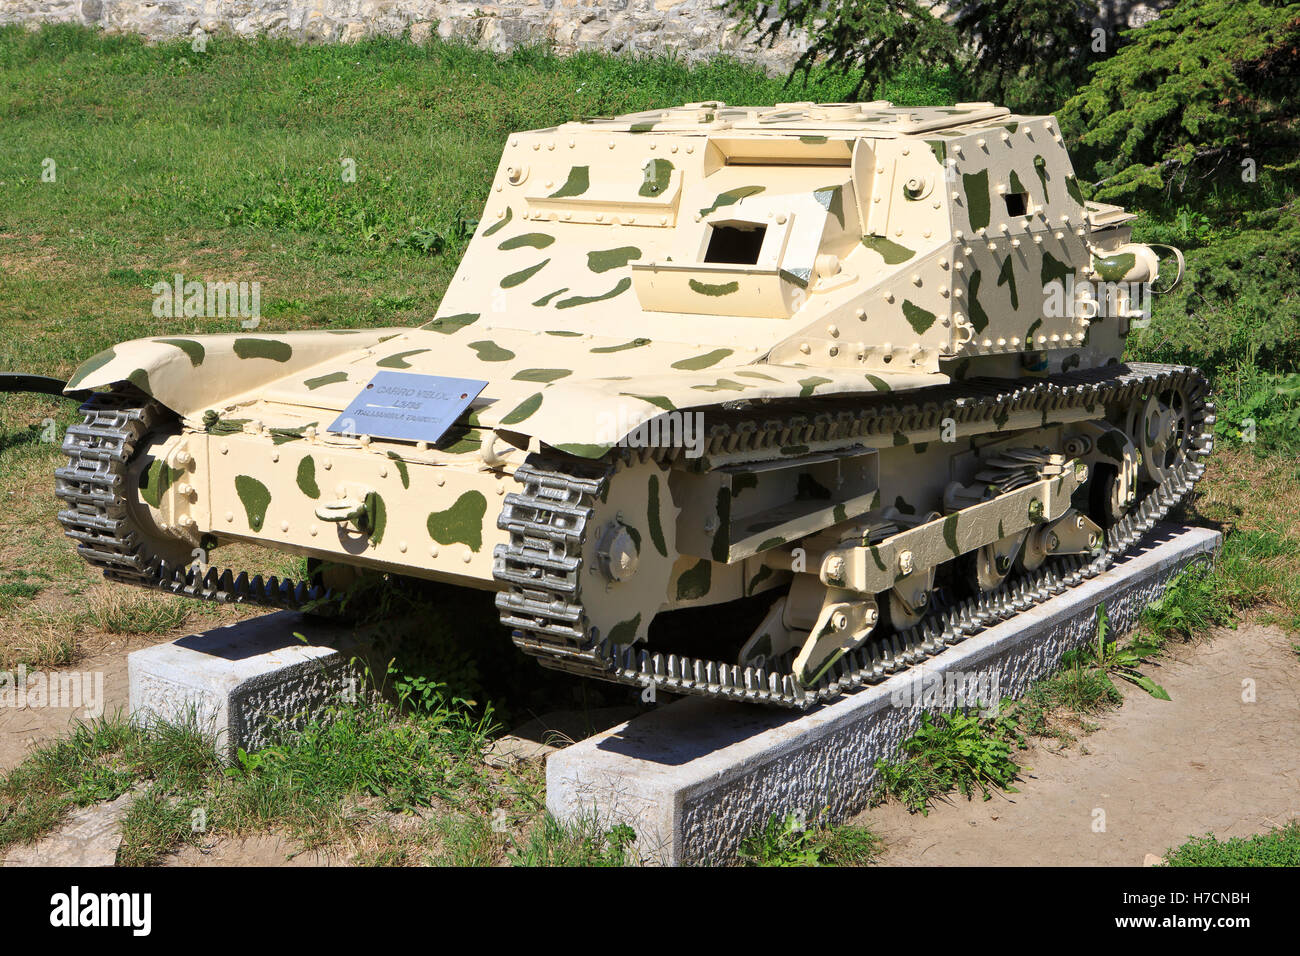 El italiano tankette L3/35 o Carro Veloce CV-35 en servicio (1935-1944) en el Museo Militar de Belgrado, Serbia Imagen De Stock